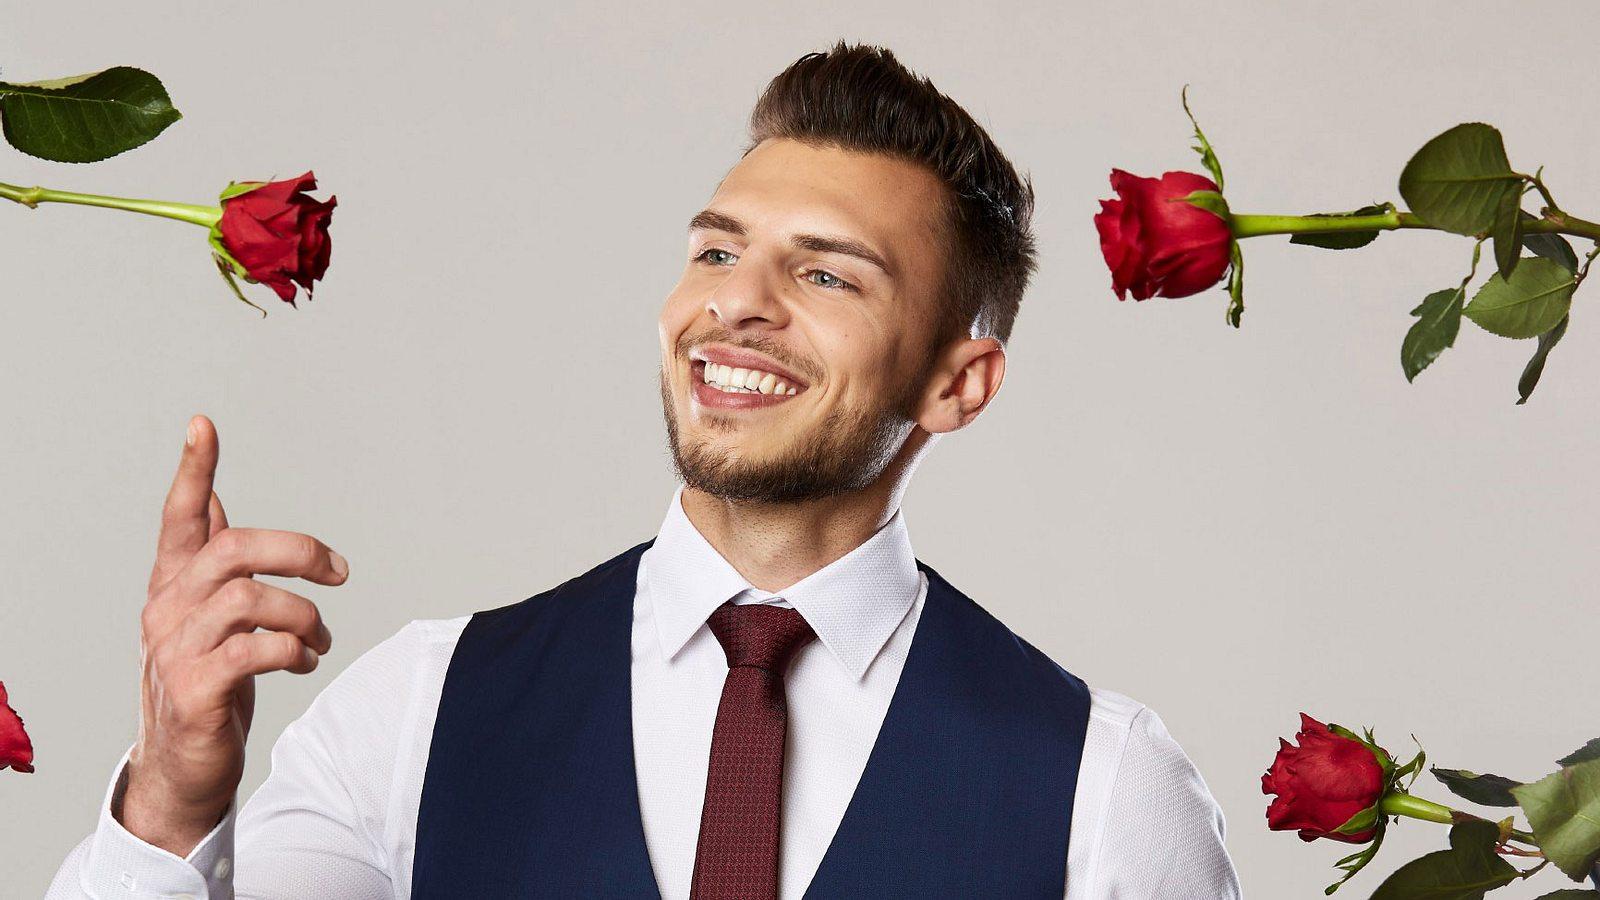 Deutsche single promis männlich